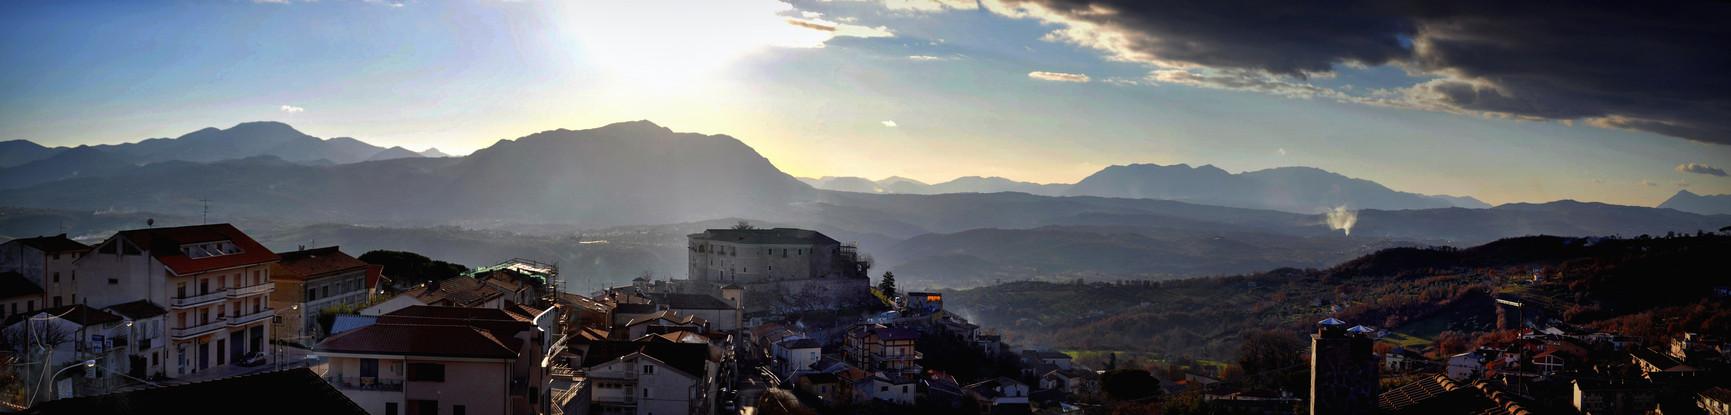 Gesualdo Panorama -001.jpg